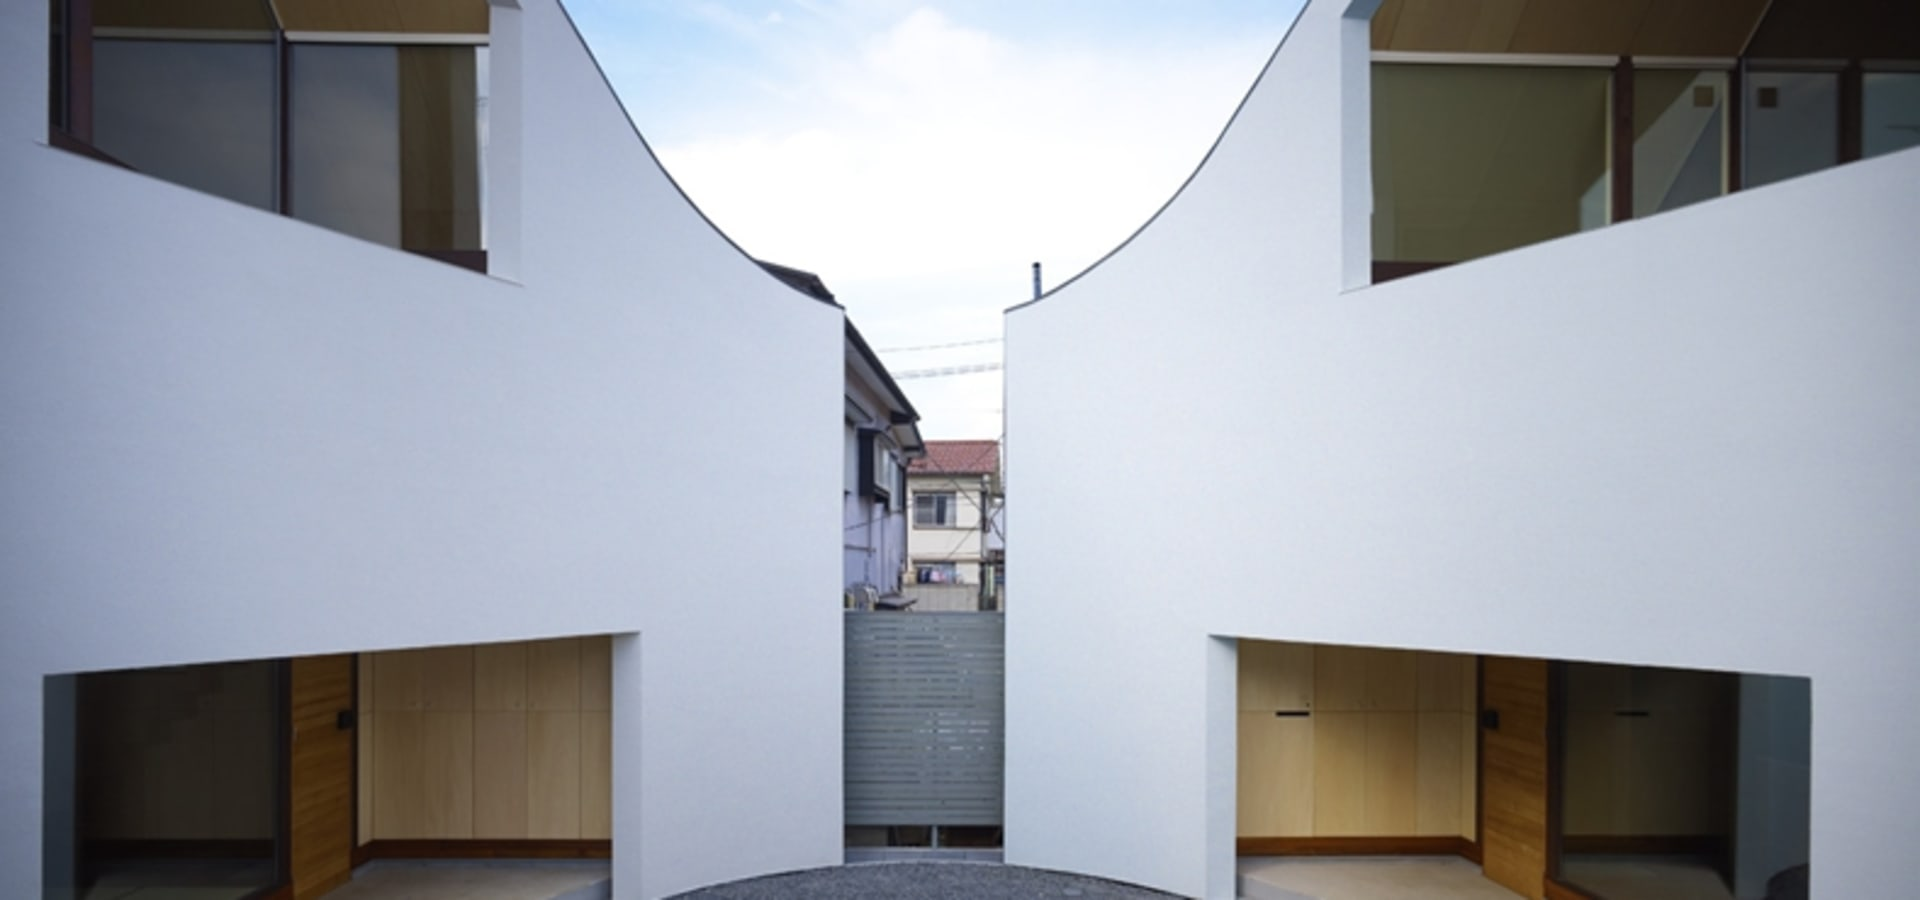 Naf Architect & Design